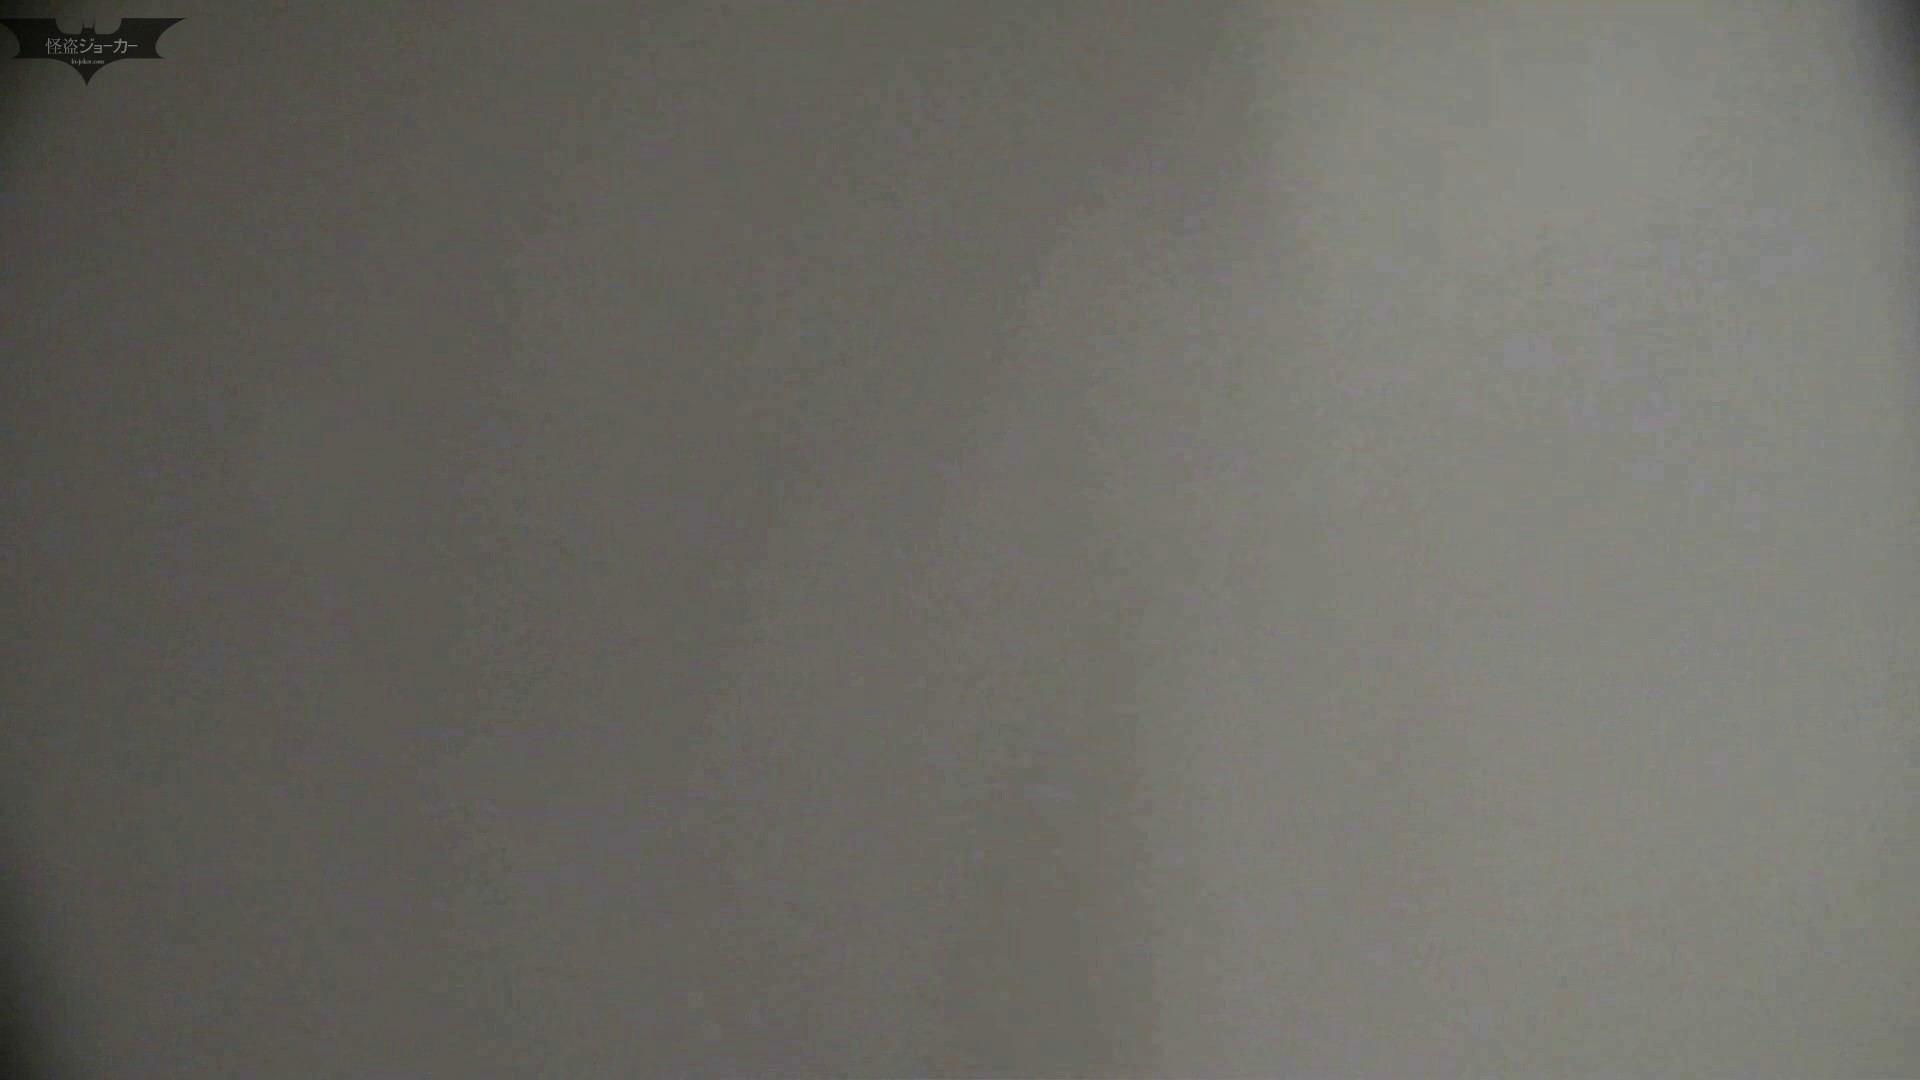 お銀さんの「洗面所突入レポート!!」 vol.53 冬到来!美女も到来! OLのボディ AV動画キャプチャ 91PIX 10